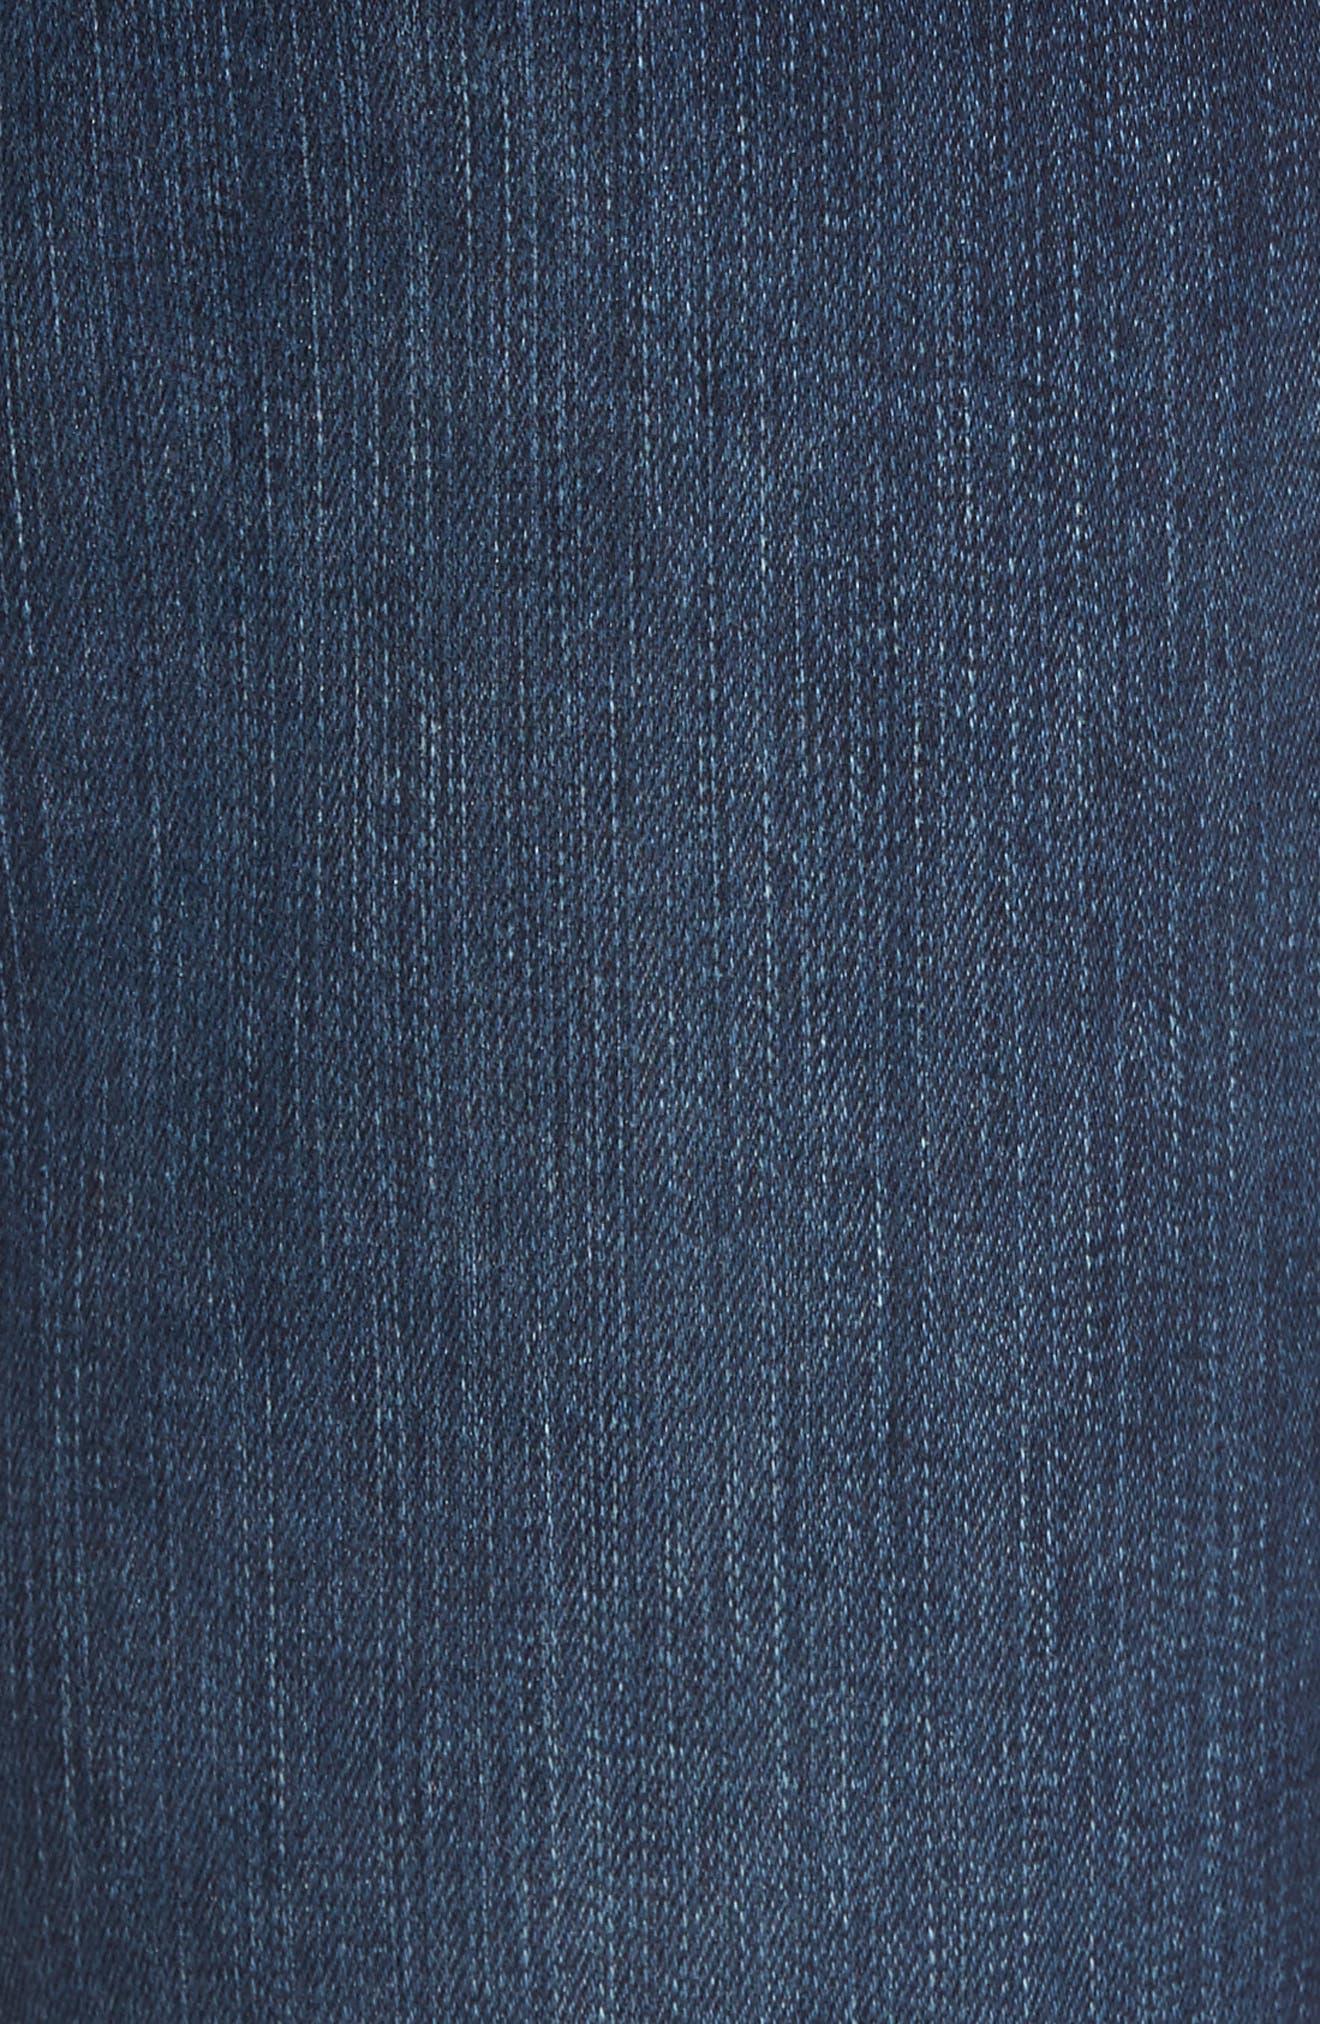 Transcend - Federal Slim Straight Leg Jeans,                             Alternate thumbnail 5, color,                             Graham